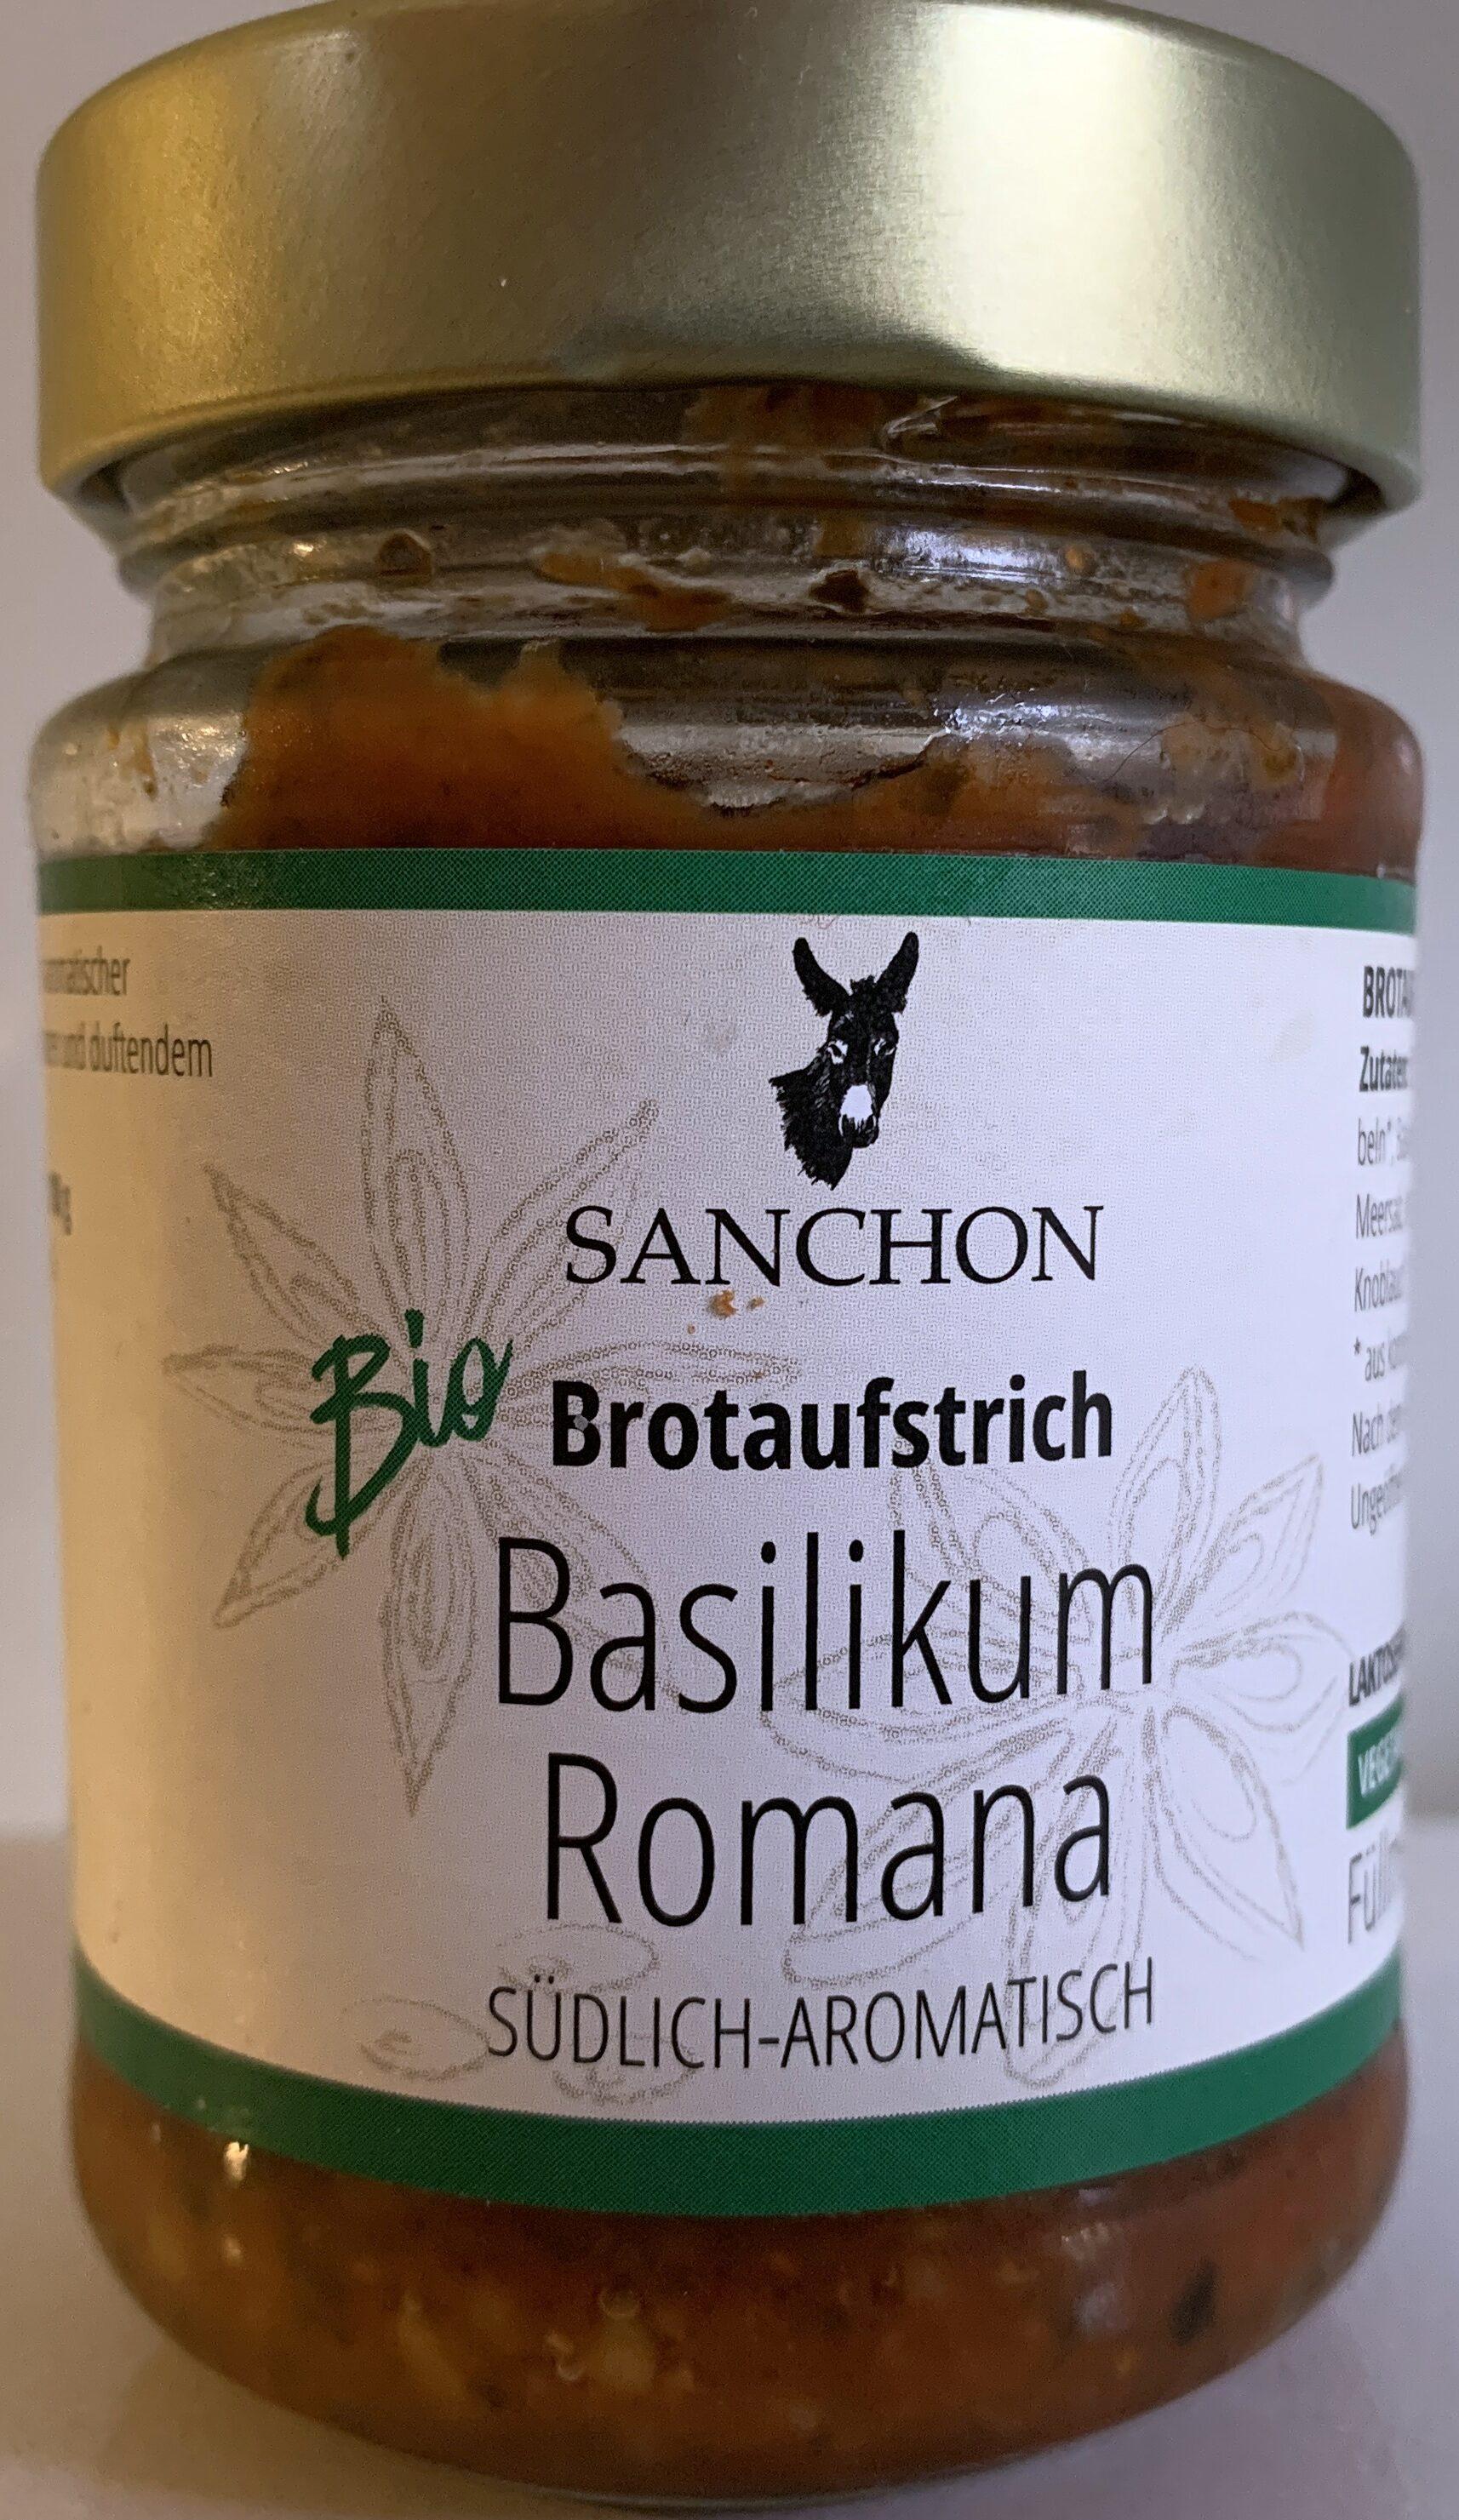 Brotaufstrich Basilikum Romana Südlich-Aromatisch - Prodotto